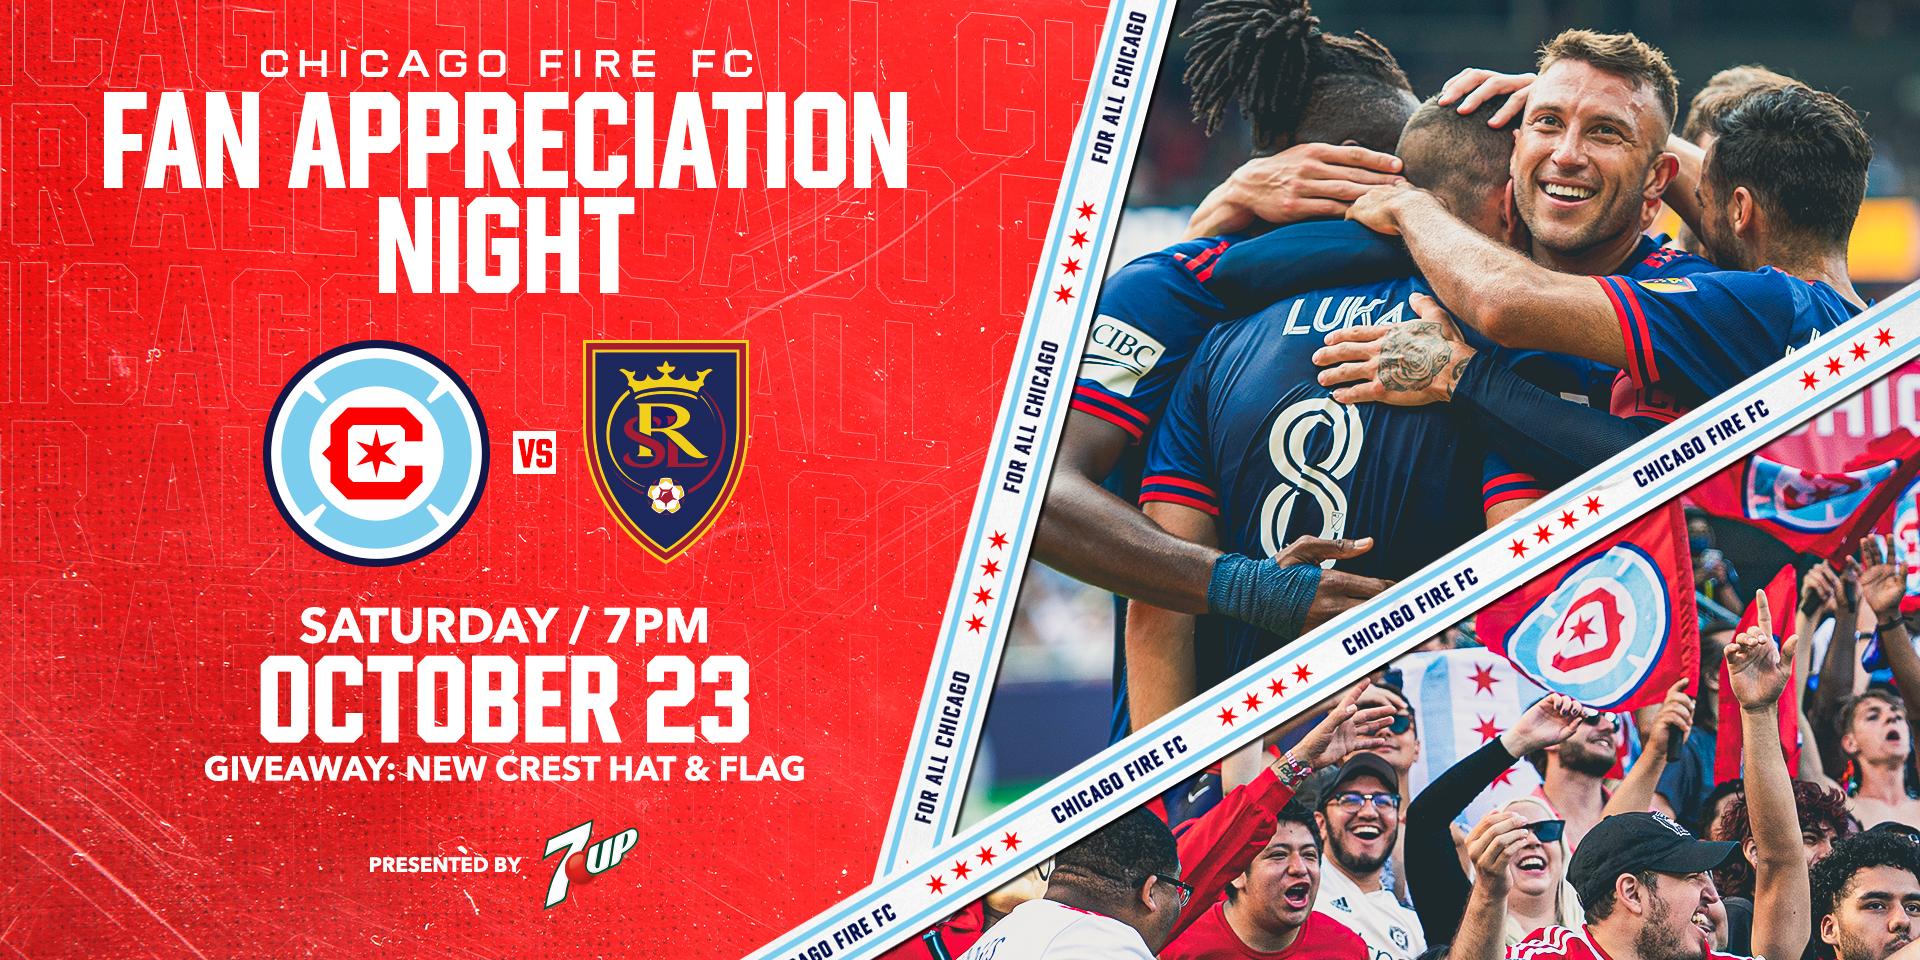 FAN APPRECIATION NIGHT - OCTOBER 23